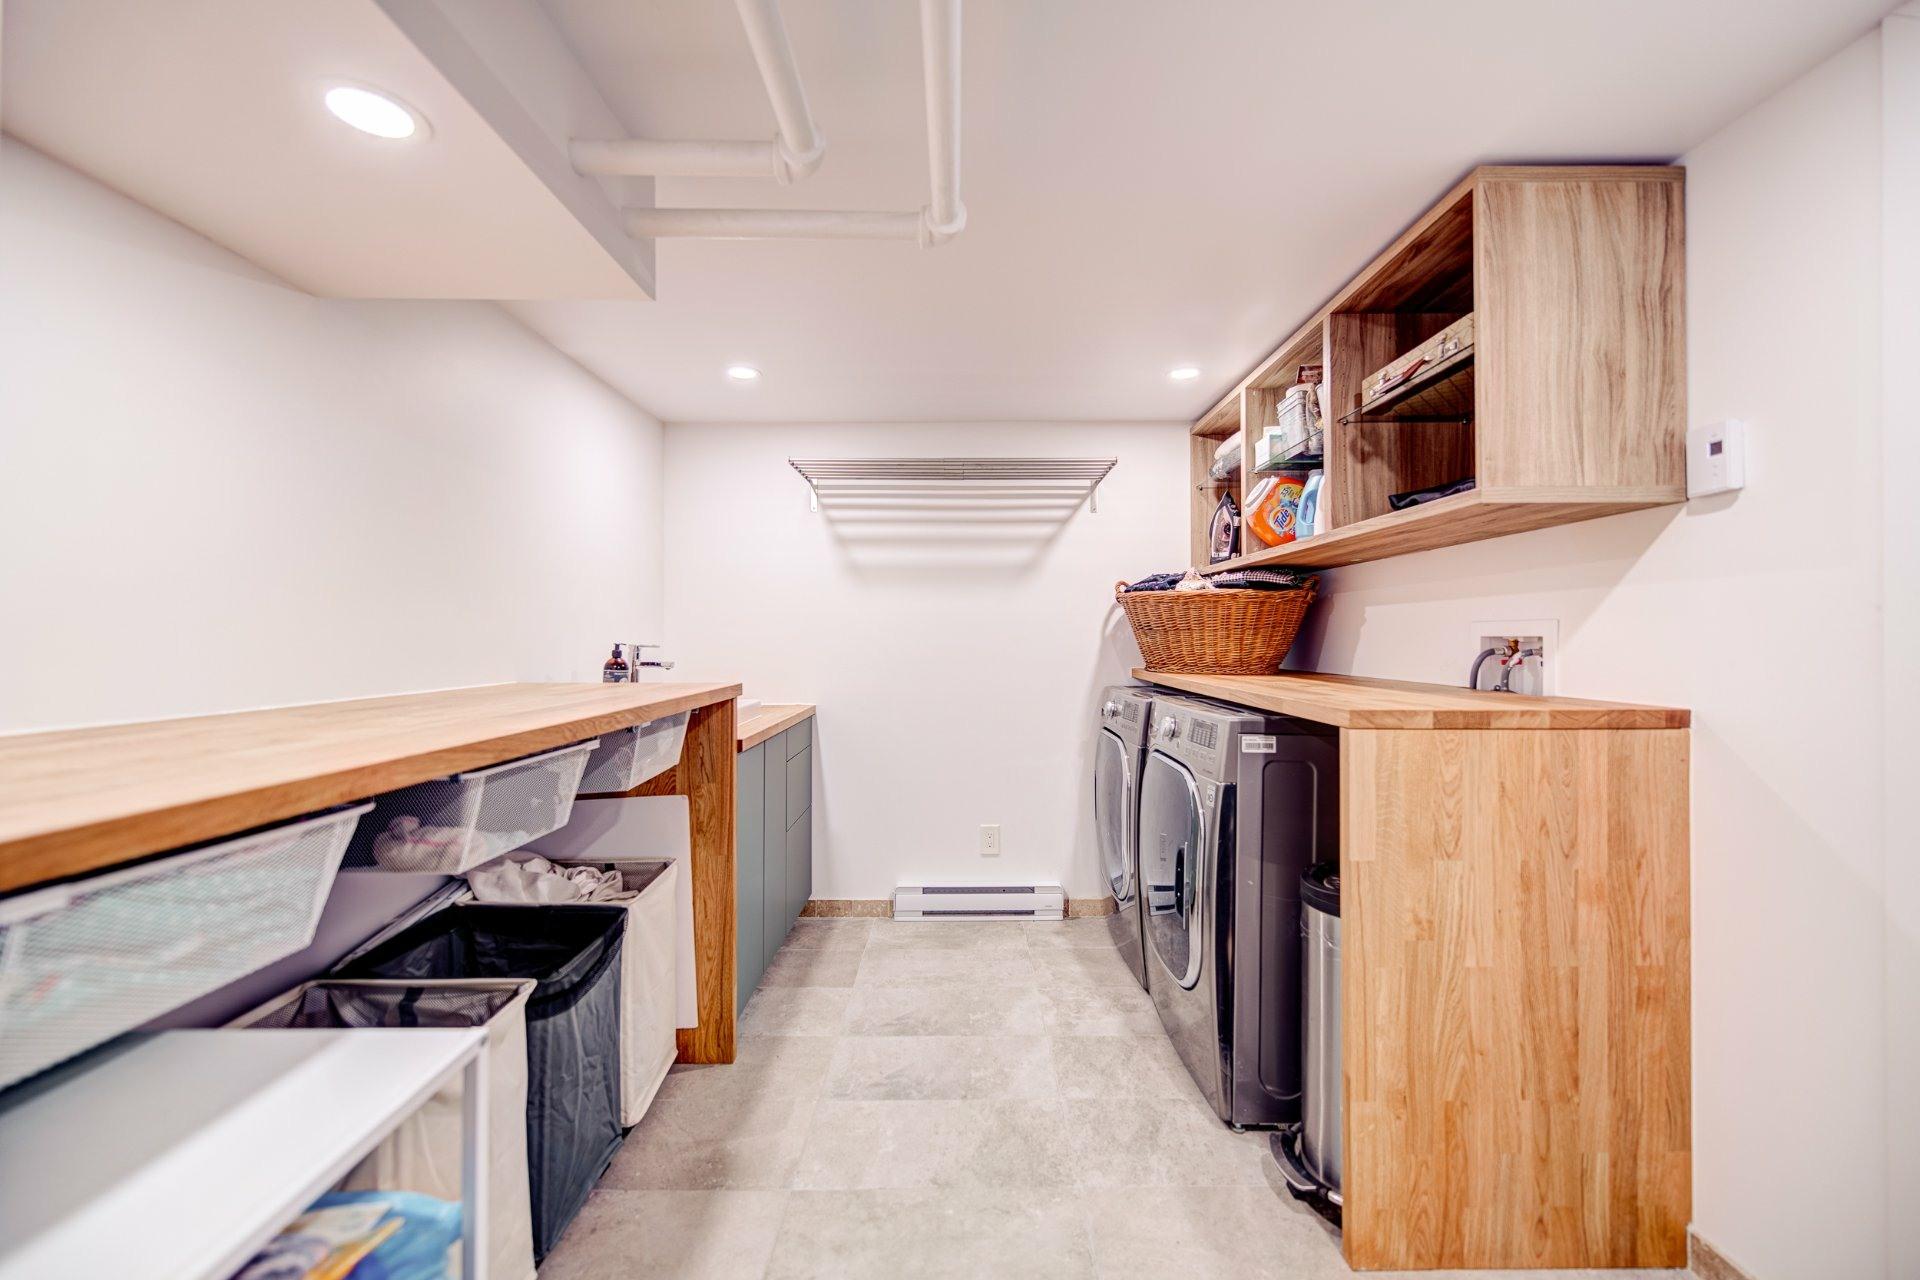 image 34 - House For sale Côte-des-Neiges/Notre-Dame-de-Grâce Montréal  - 10 rooms